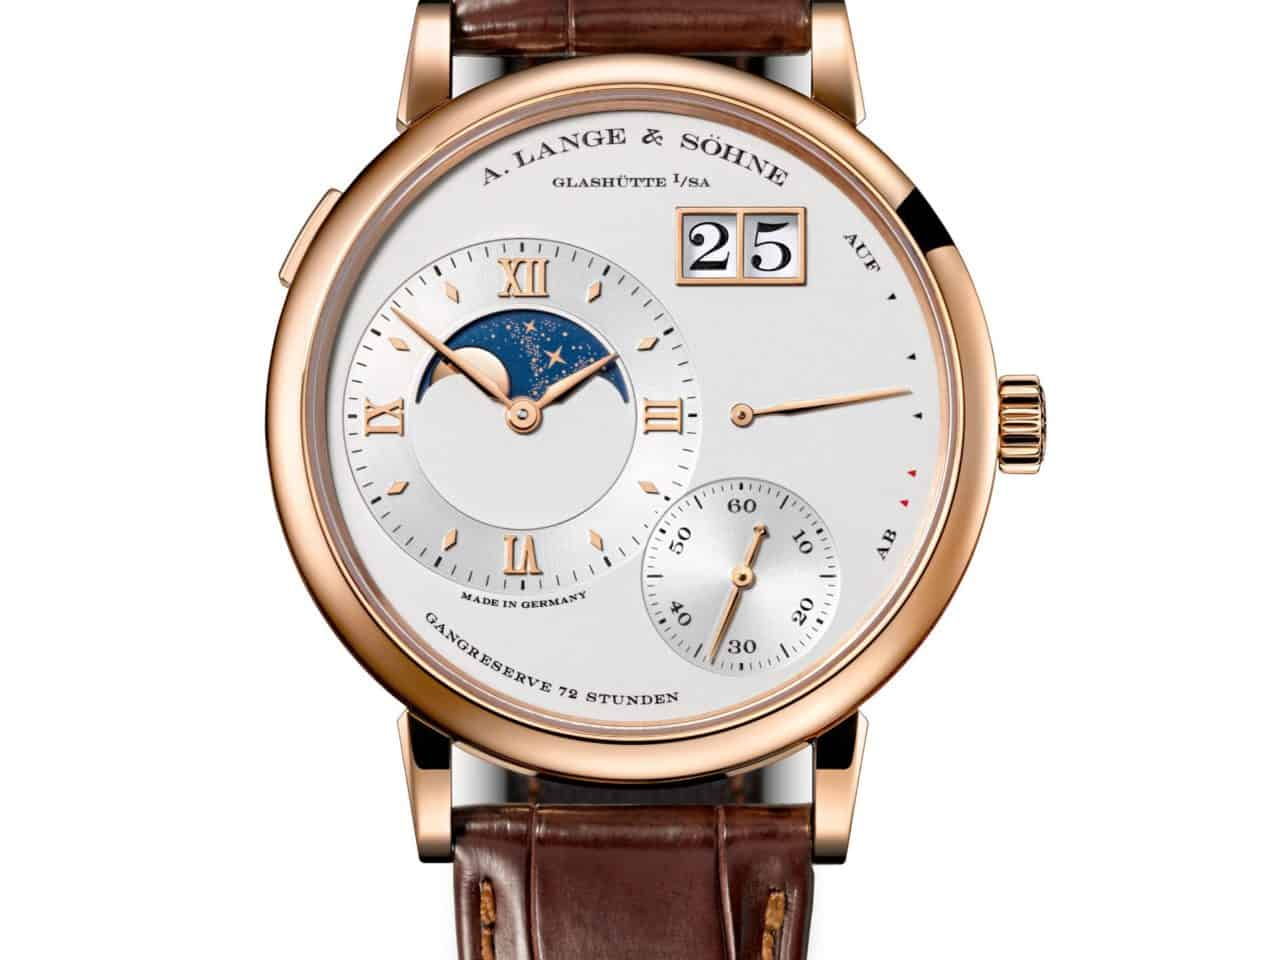 Uhren mit Mondphase von A. Lange & Söhne